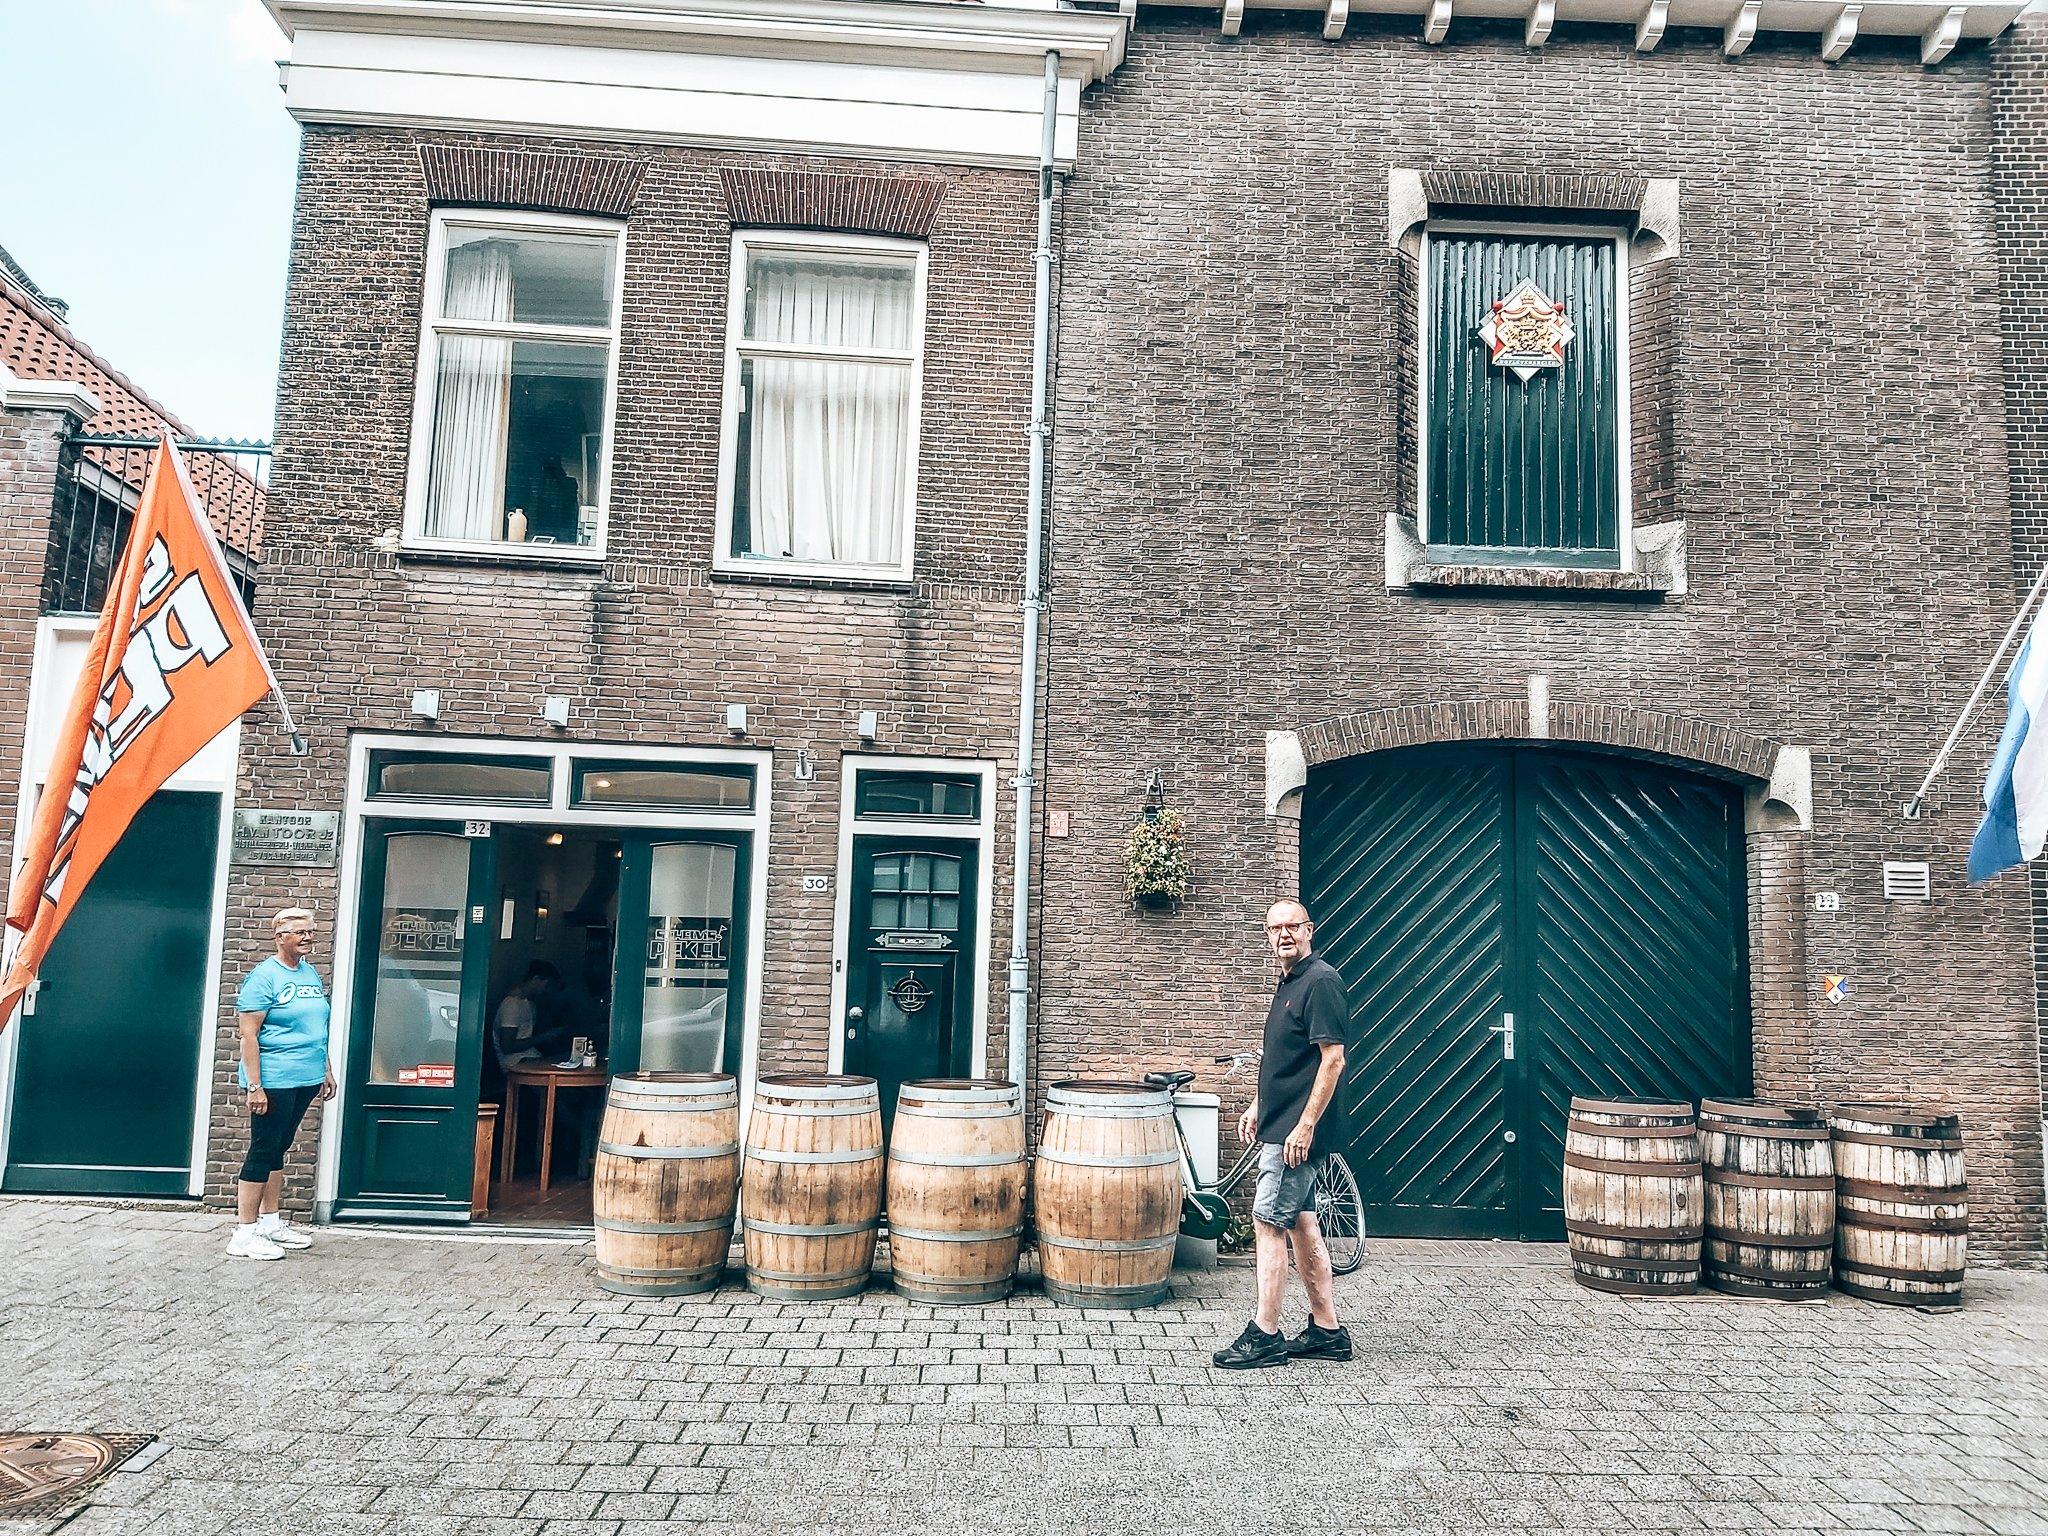 Distilleerderij H. van Toor Jz. in Vlaardingen, de ambachtelijke distilleerderij, Alles over gin.